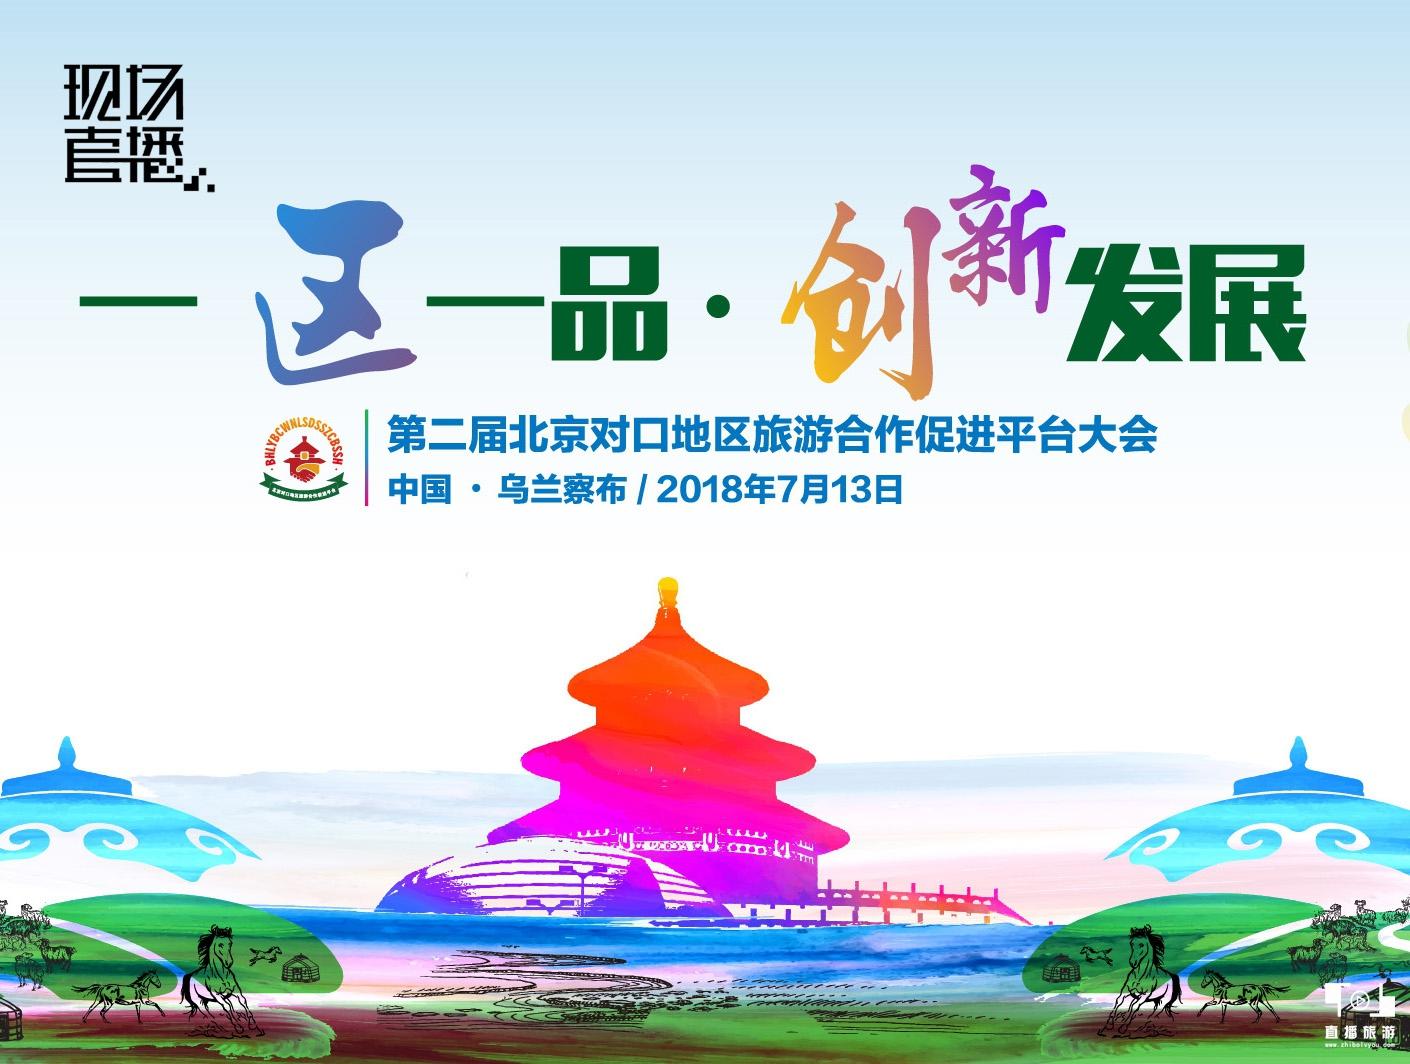 第二届北京对口地区旅游合作促进平台大会